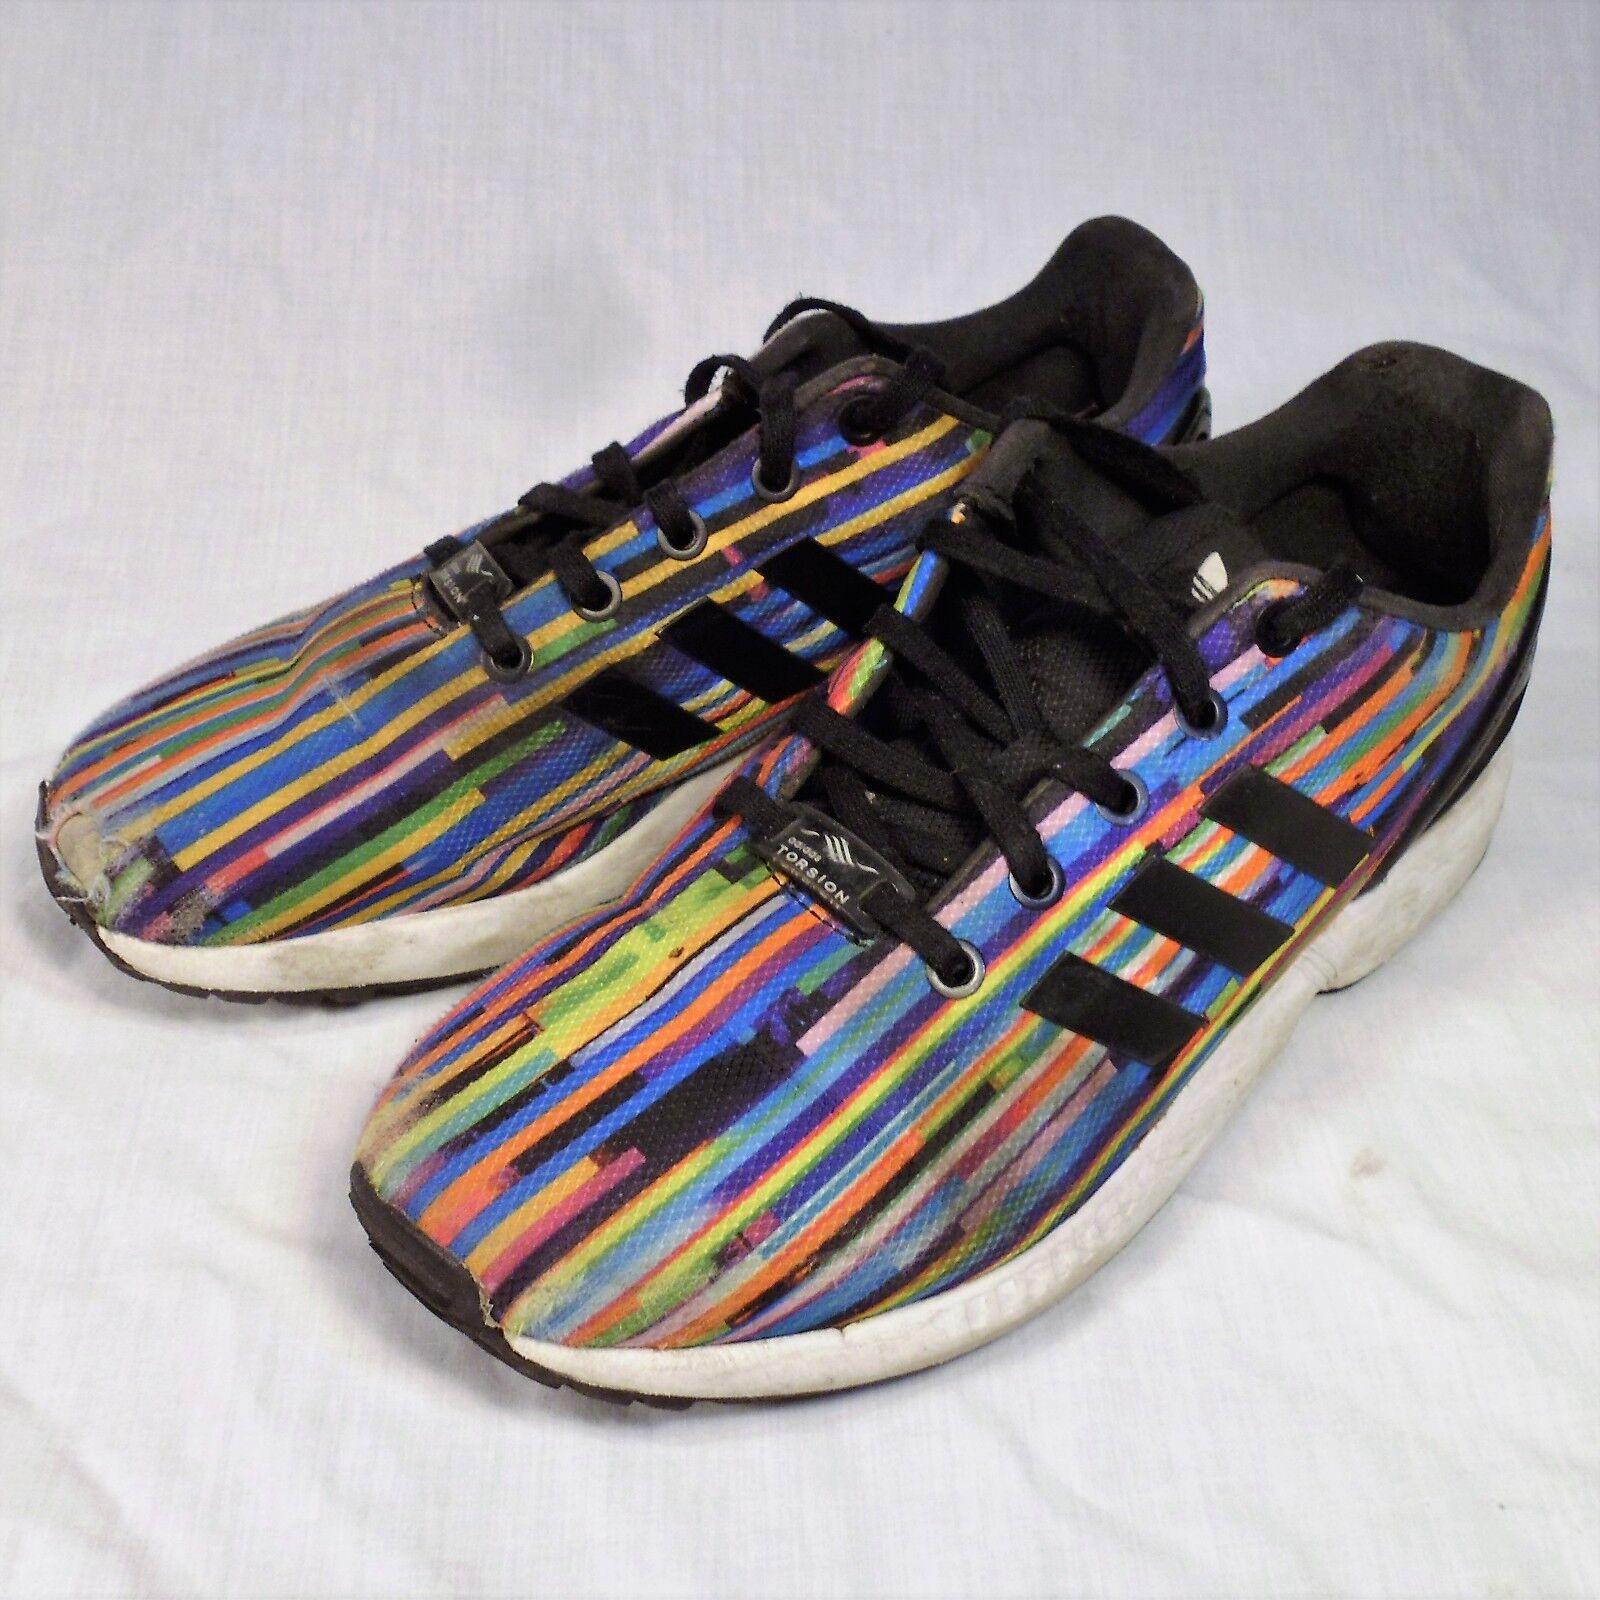 Adidas ZX Flux Torsion Shoes Rainbow Prism 6.5 Sneakers Cheap women's shoes women's shoes